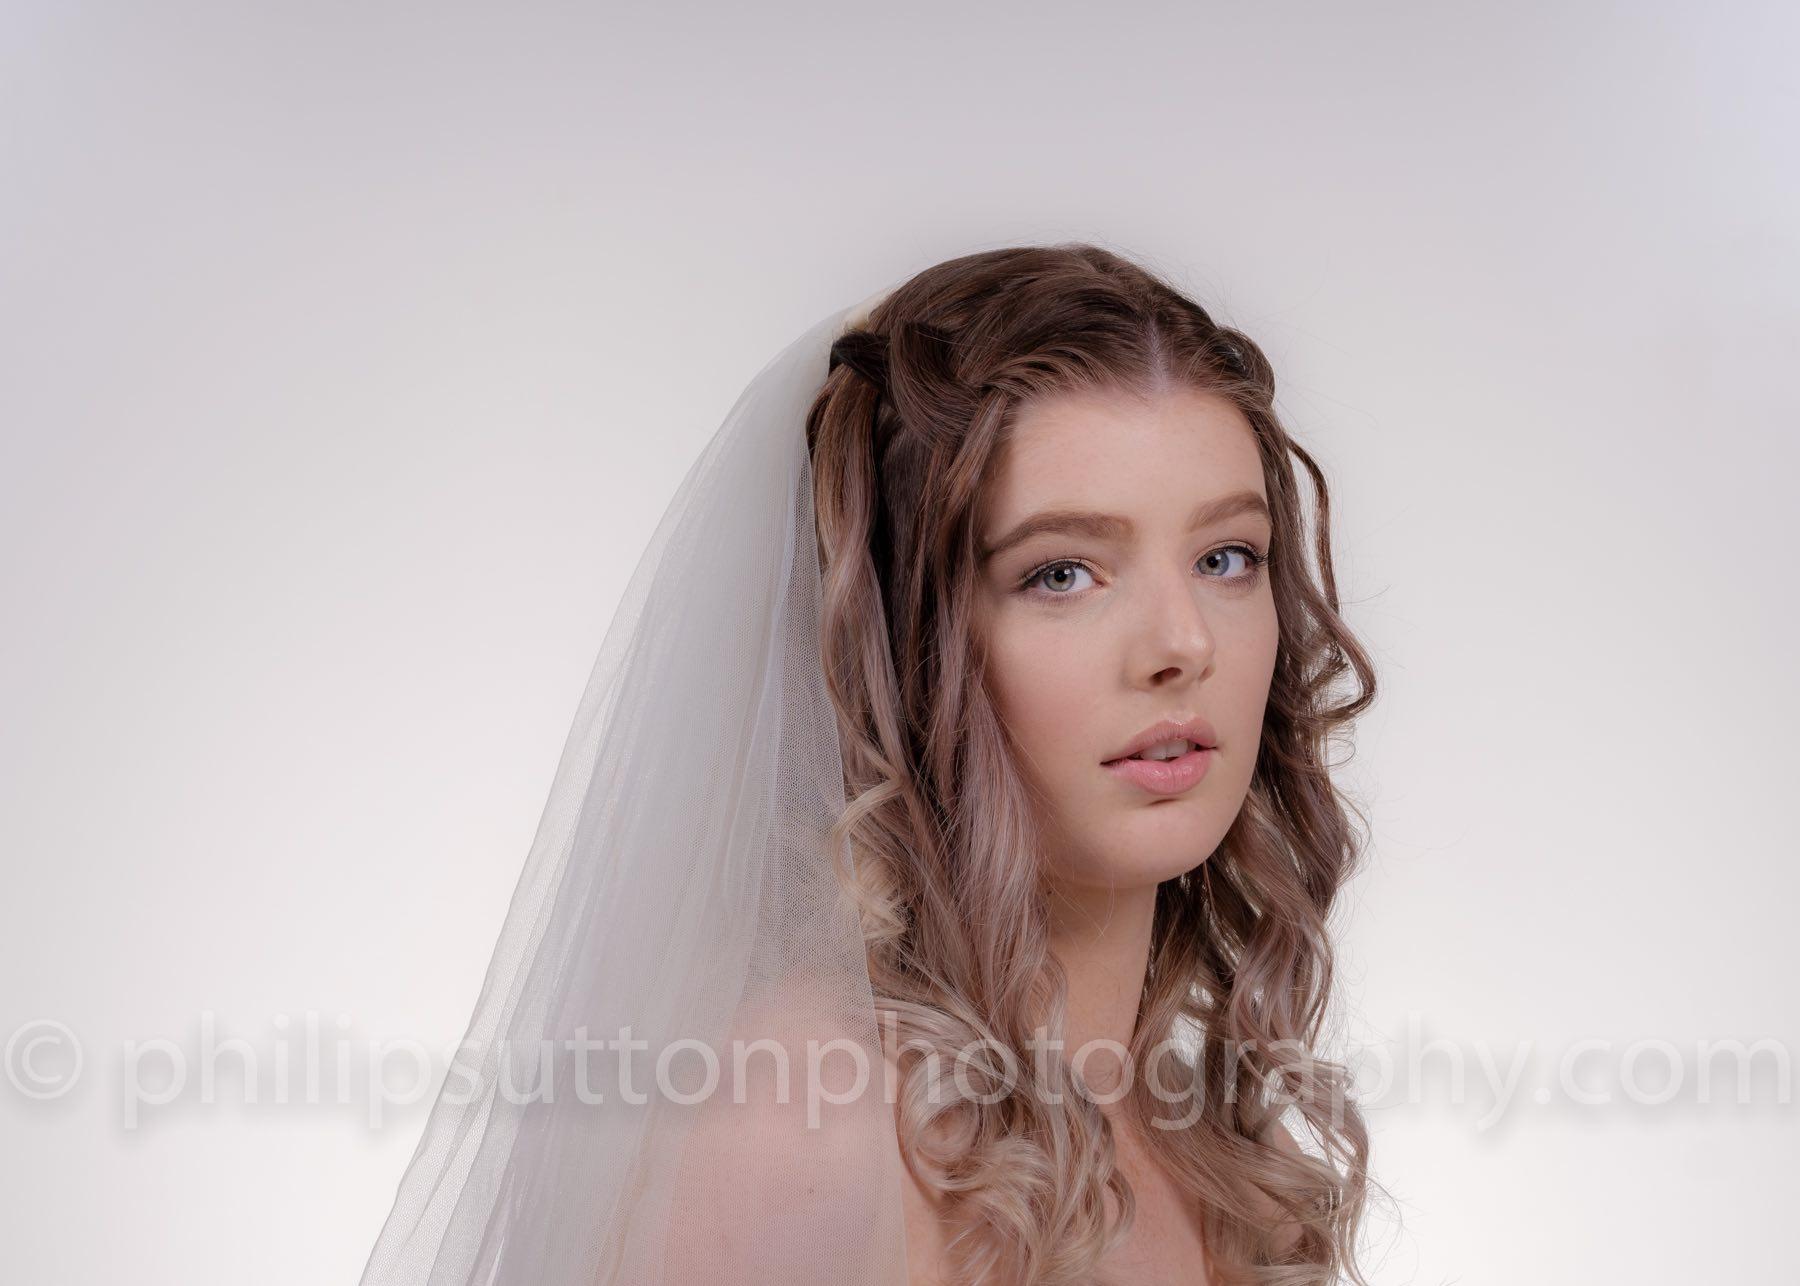 Bridal 'Shoot'